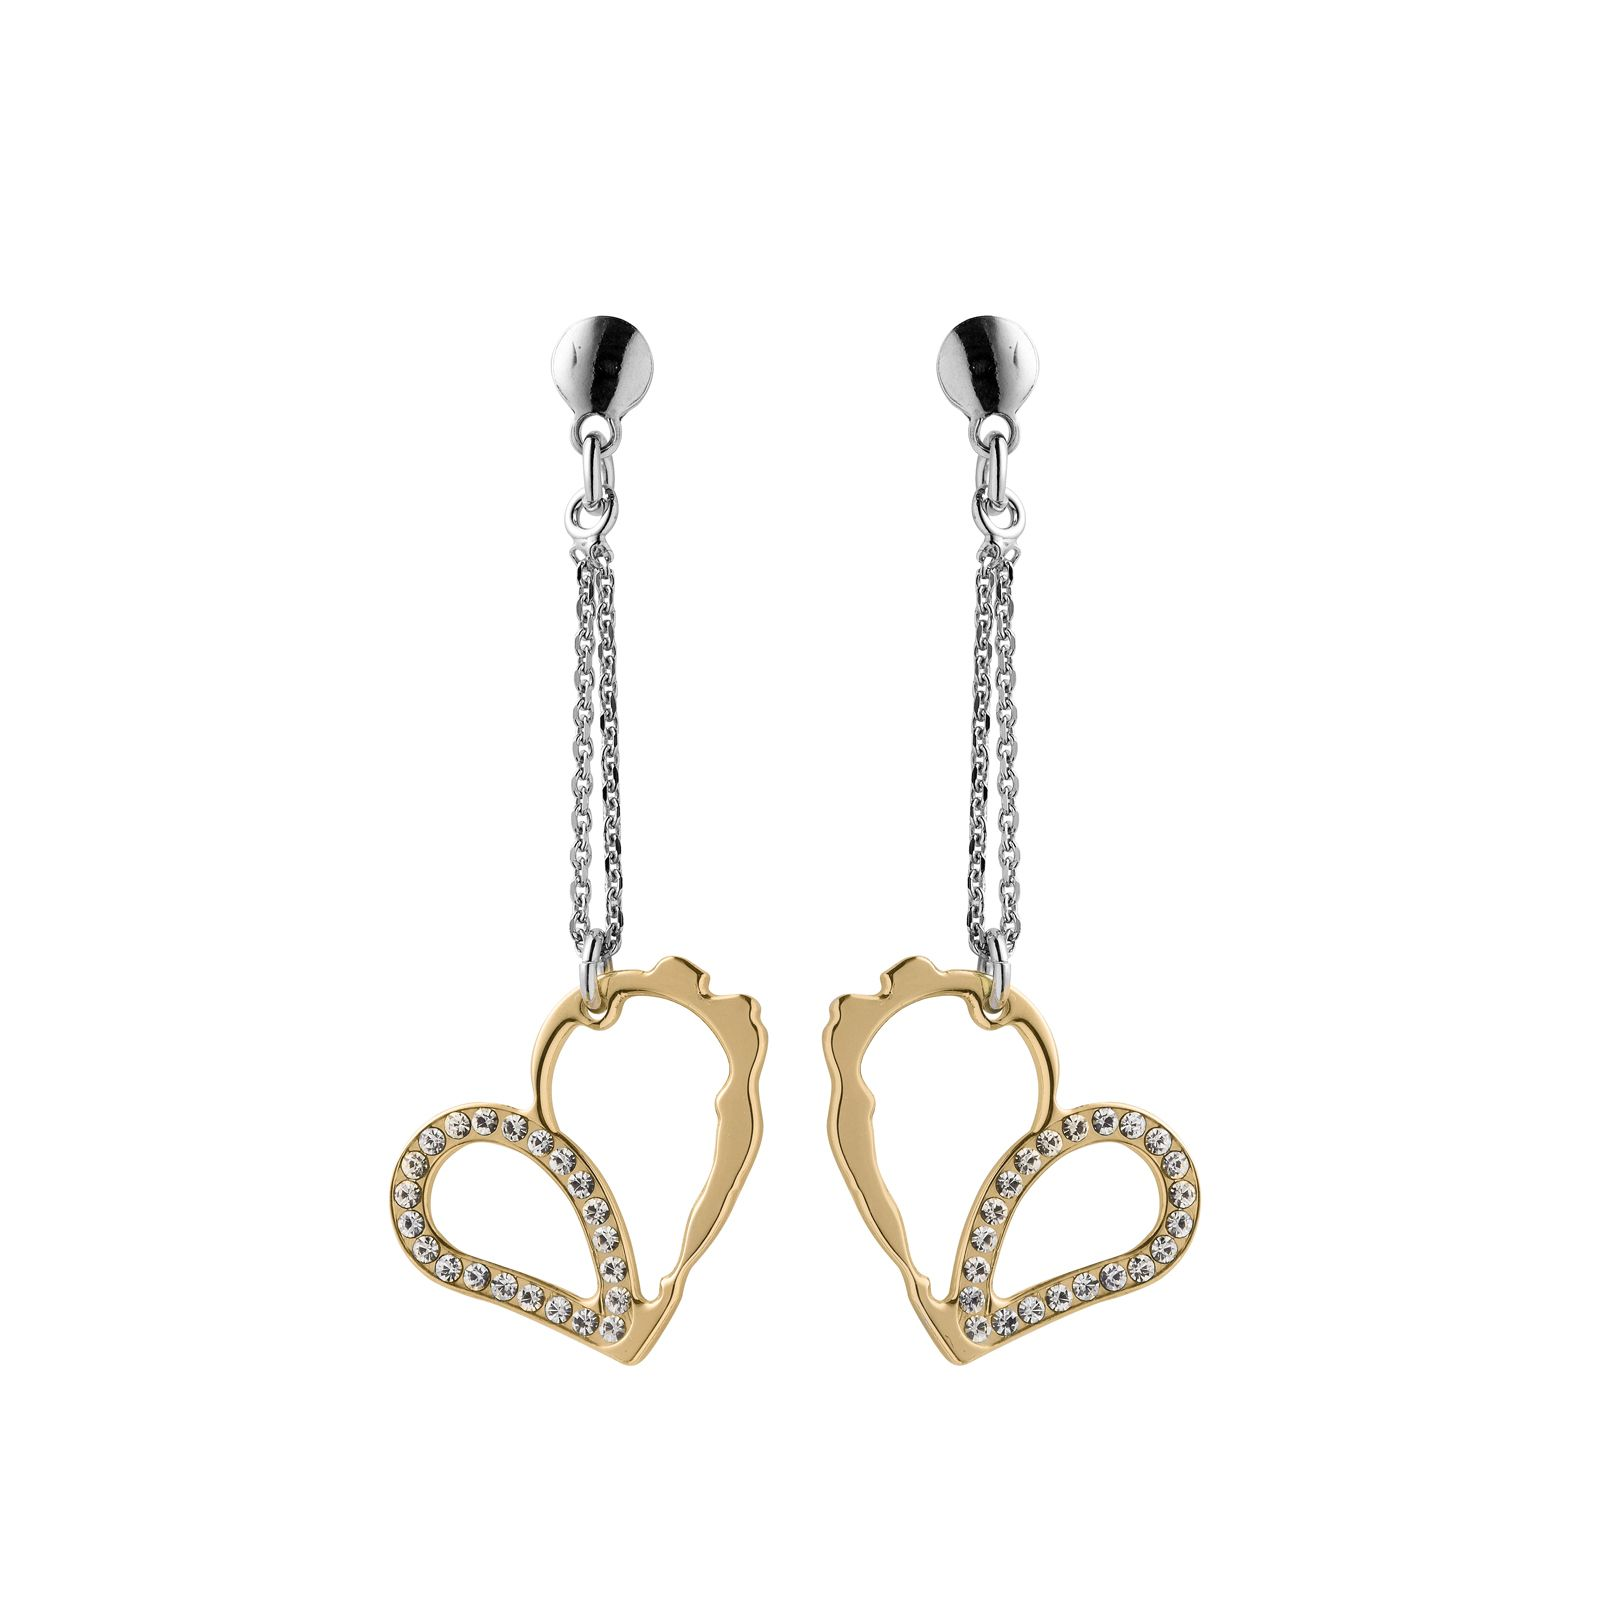 Boucles d'oreilles Jourdan Bijoux Aphrodite en argent, plaqué or jaune